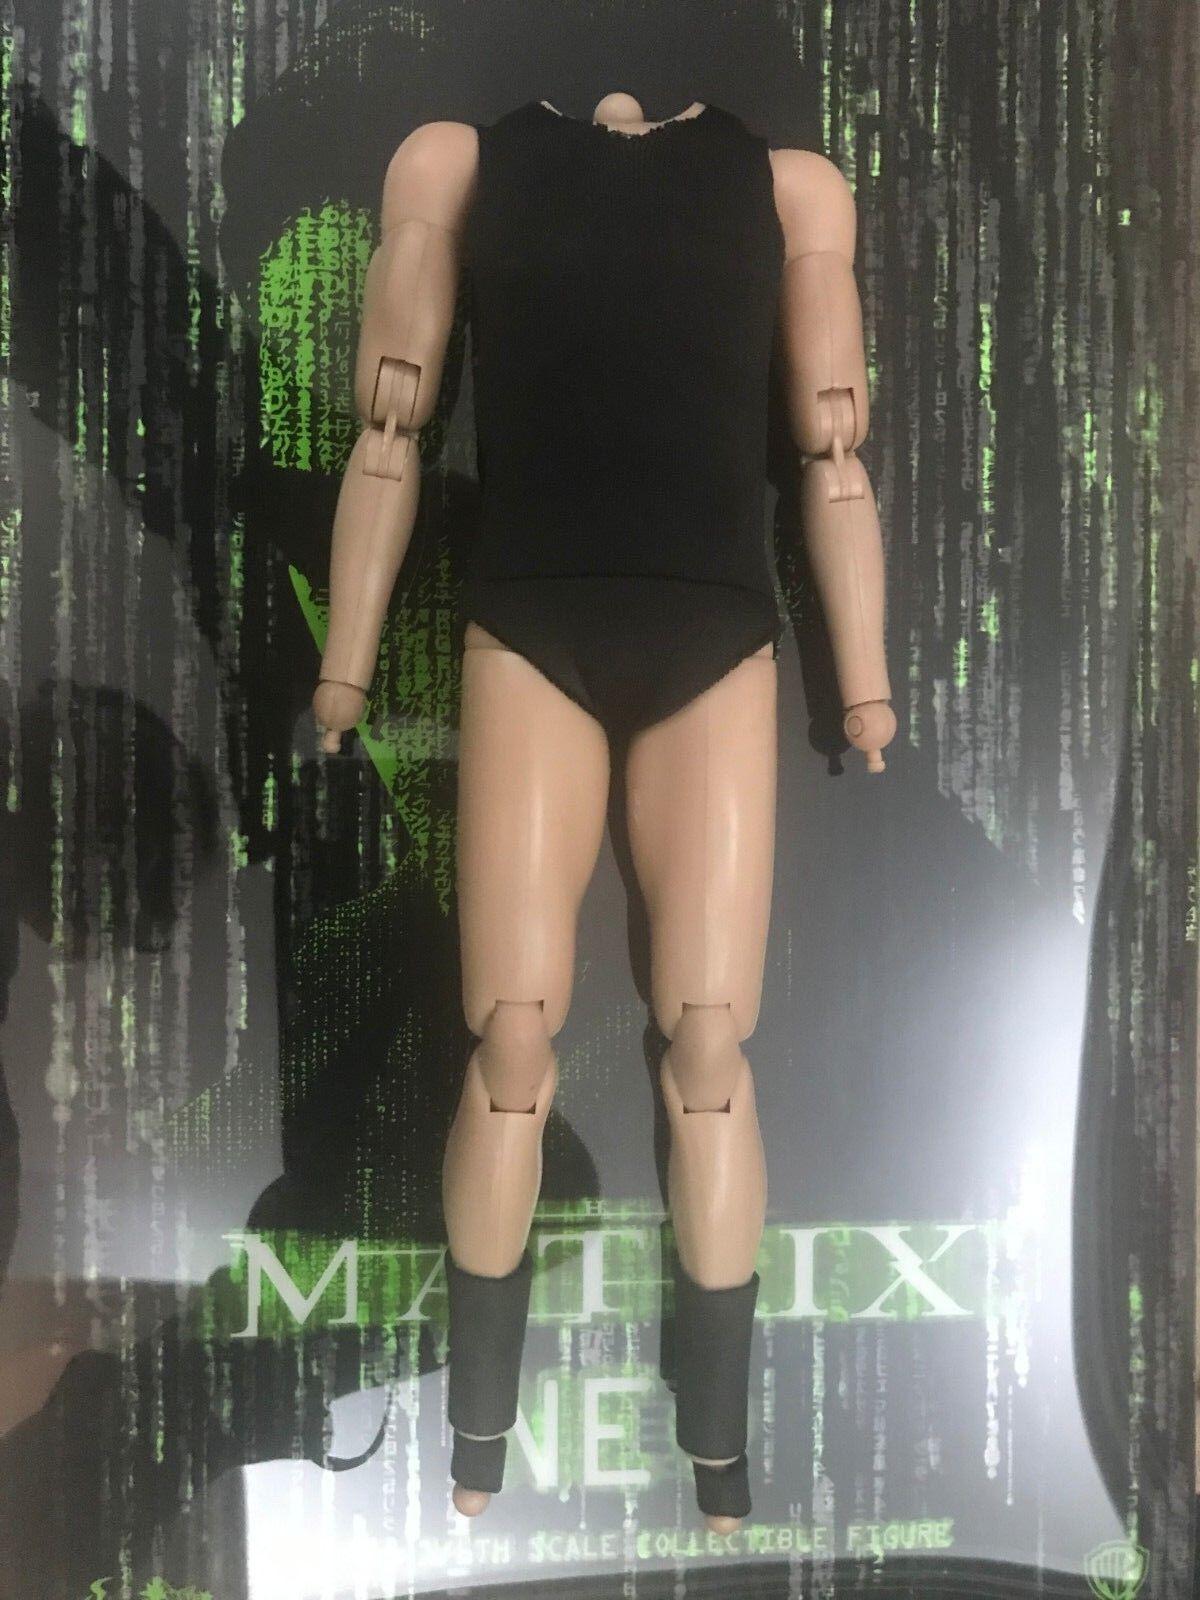 Heißes spielzeug der matrix mms466 neo - 1   6. skala nackte körper